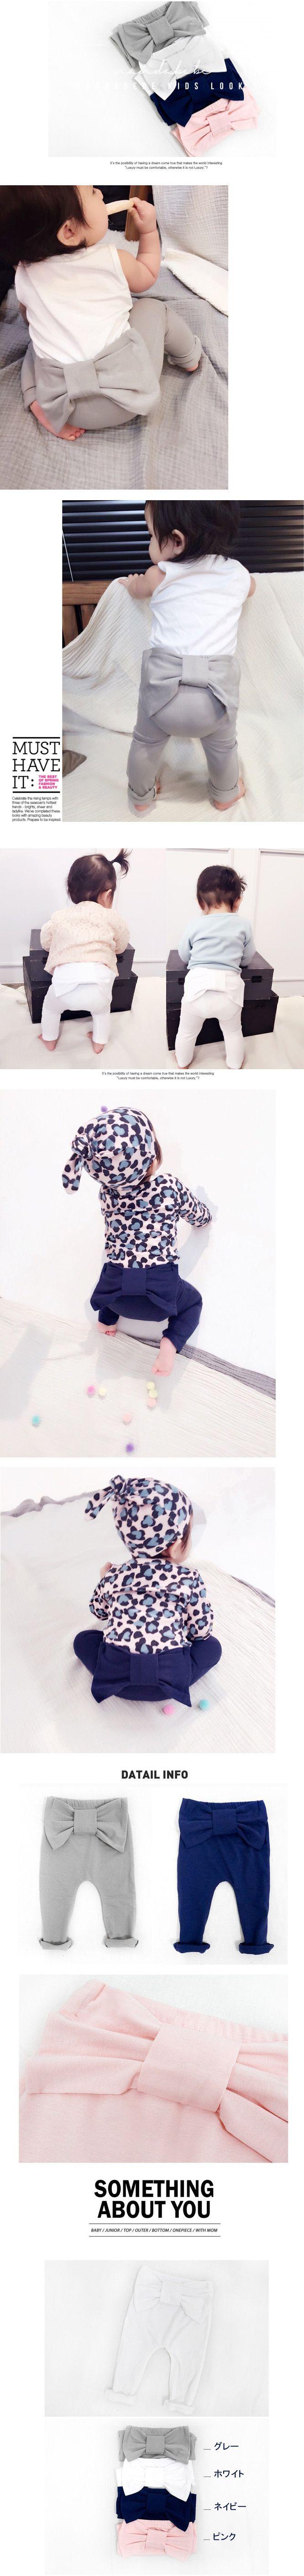 【楽天市場】リボンレギンス ベビーレギンス 赤ちゃん ストレッチ レギンス ベビー服 ボトム スパッツ パンツ 韓国子供服 韓国こども服 女の子 シンプル レギンス:子供服【おんちゃん】